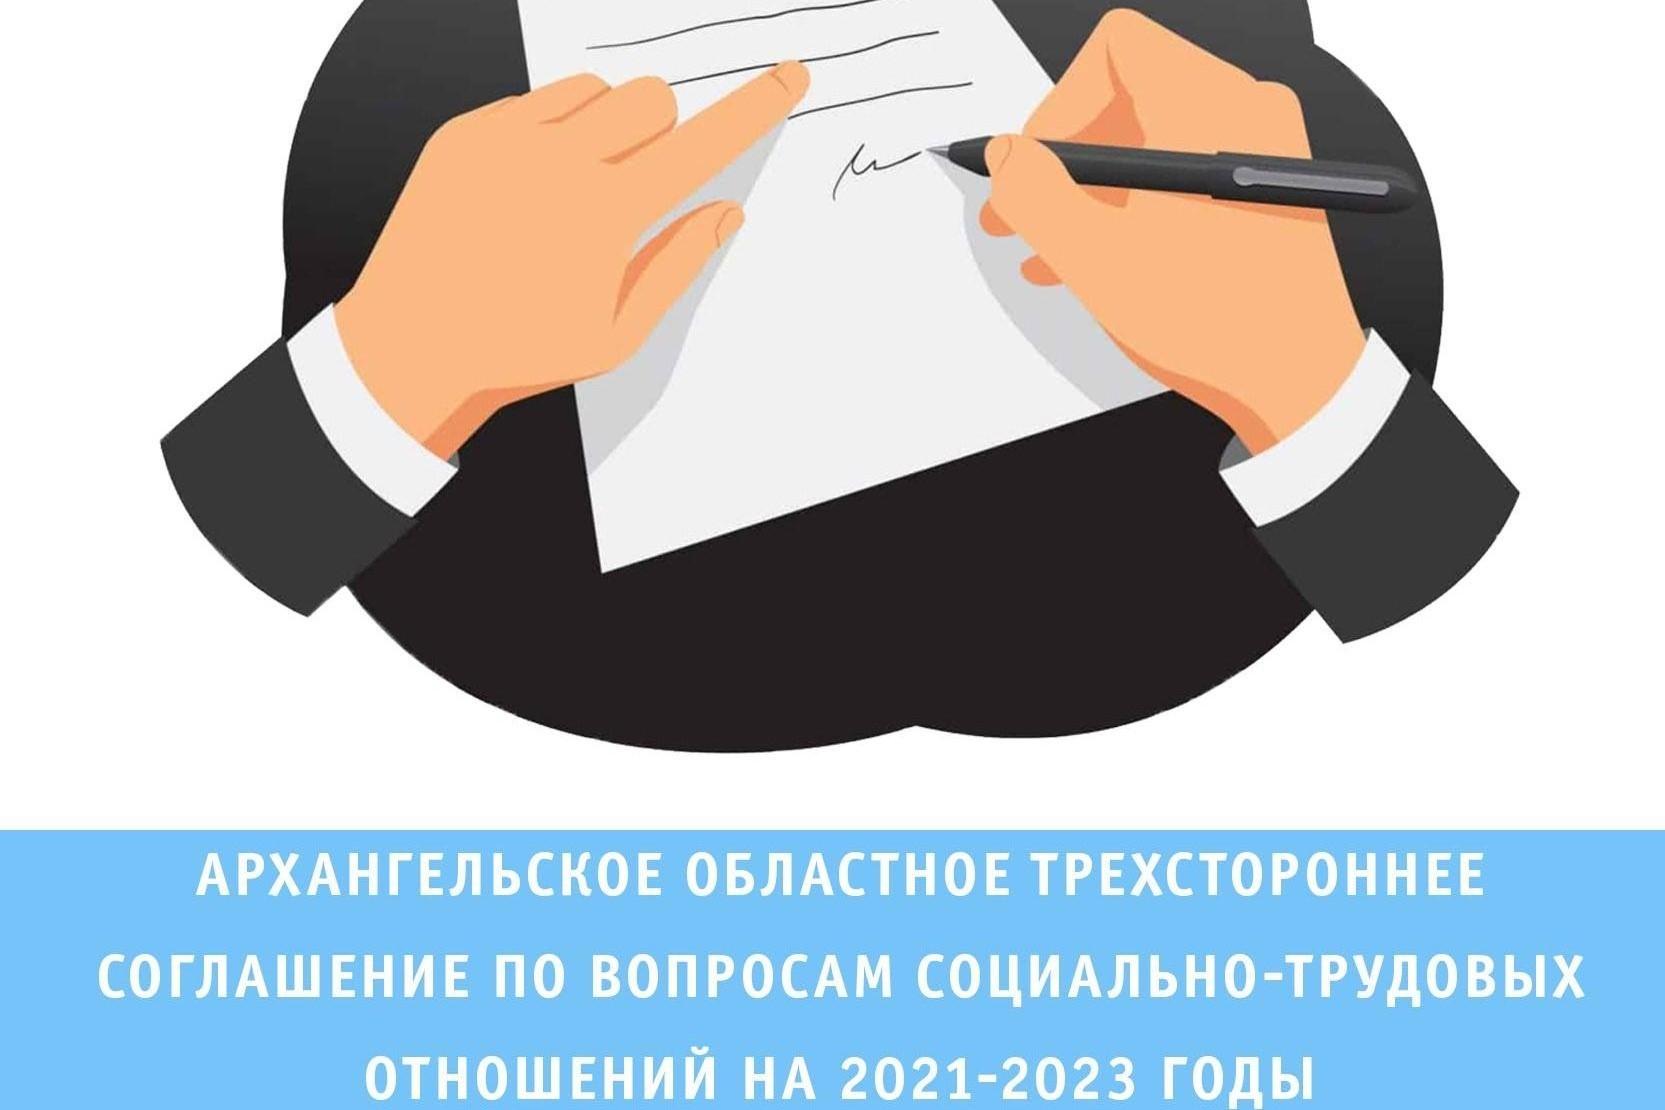 Ведется работа над трехсторонним соглашением по вопросам социально-трудовых отношений на 2021–2023 годы